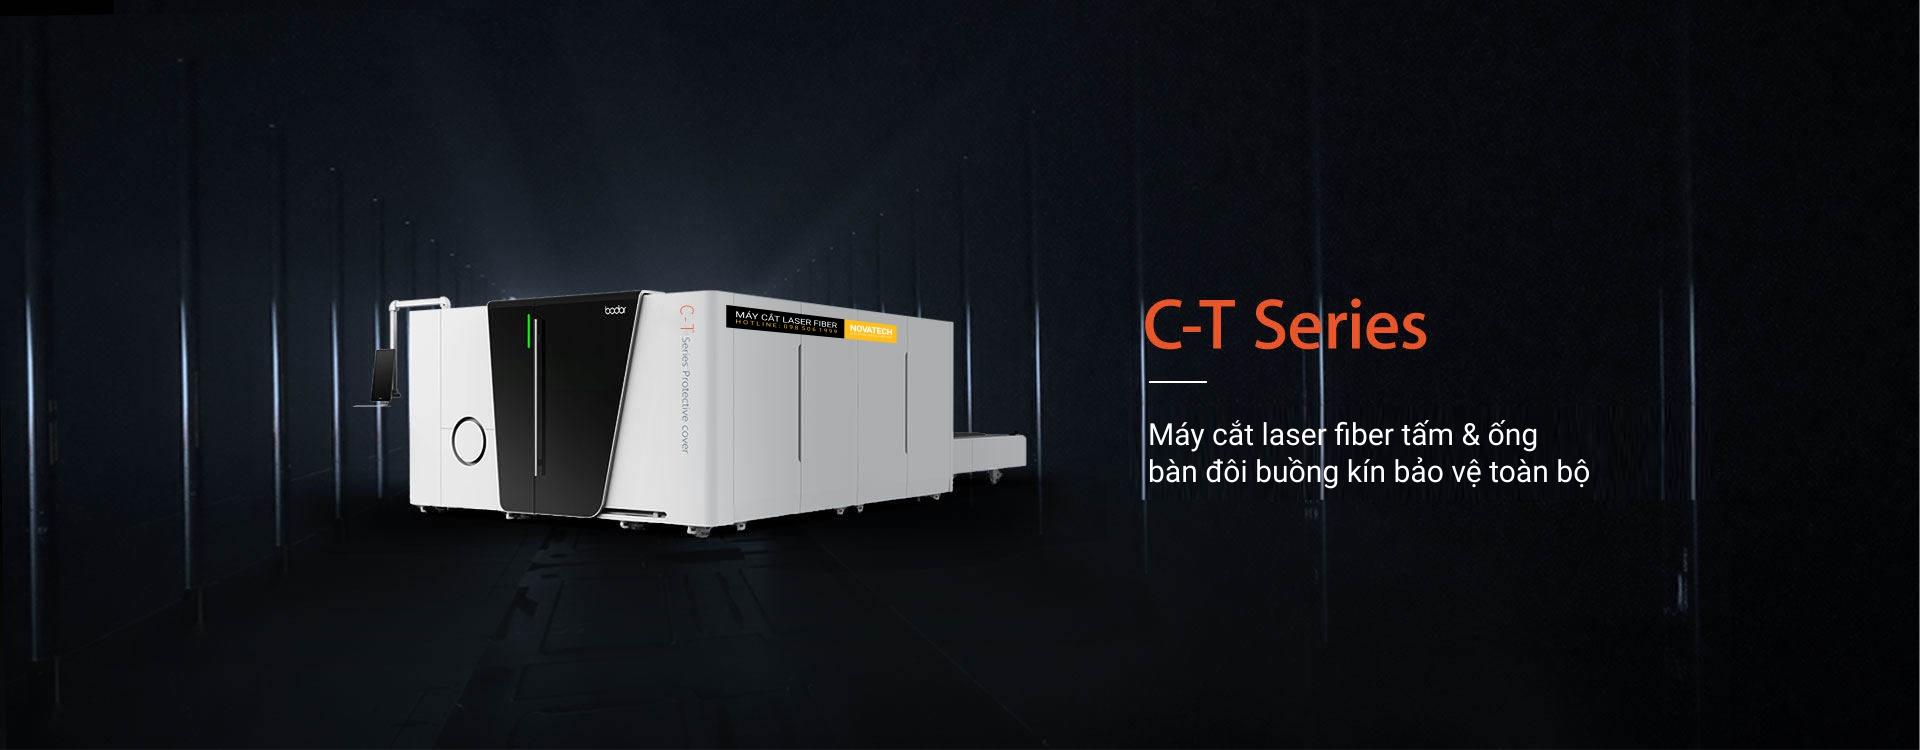 Máy cắt laser fiber BODOR dòng C-T